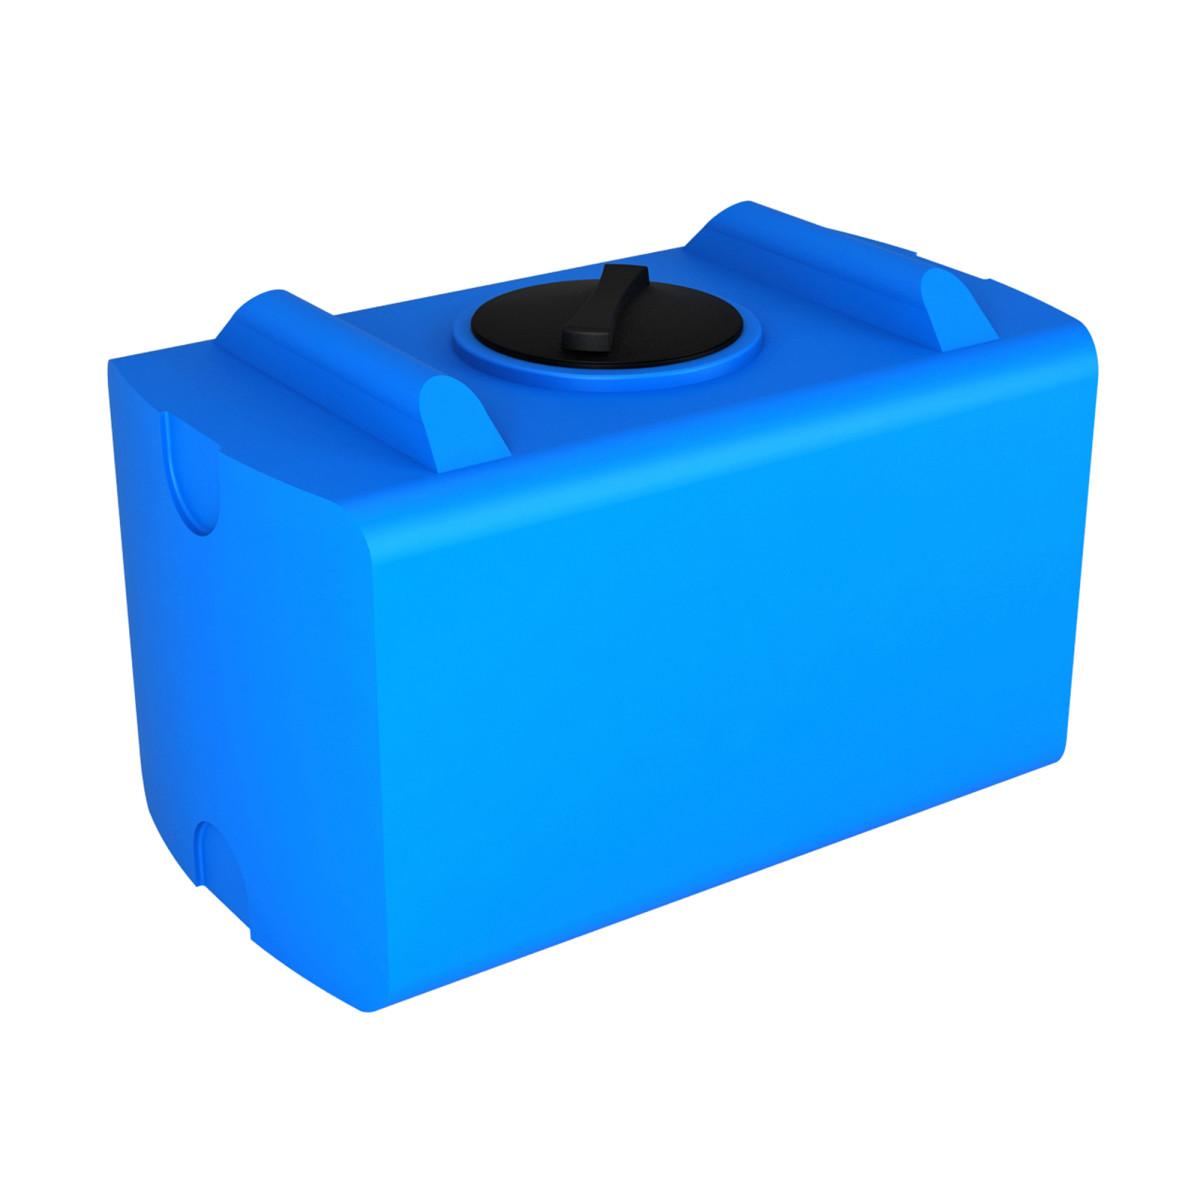 Ёмкость Эвп 400 Л Цвет Синий